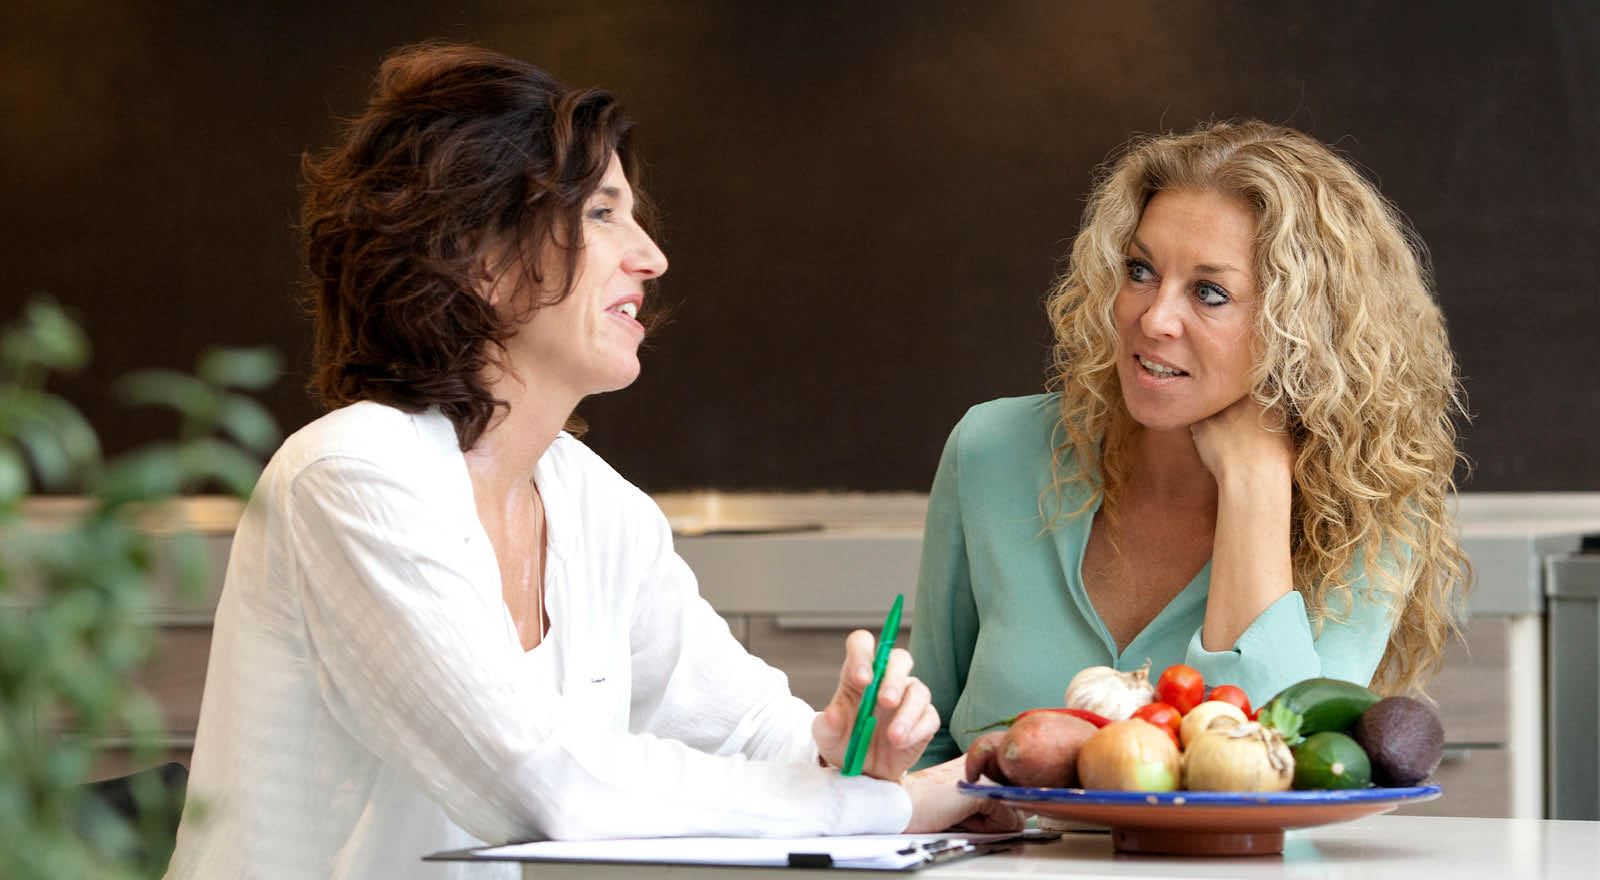 Voedingsdeskundige adviseert vrouw in de overgang over gezonde leefstijl bij cursus Overgang en voeding